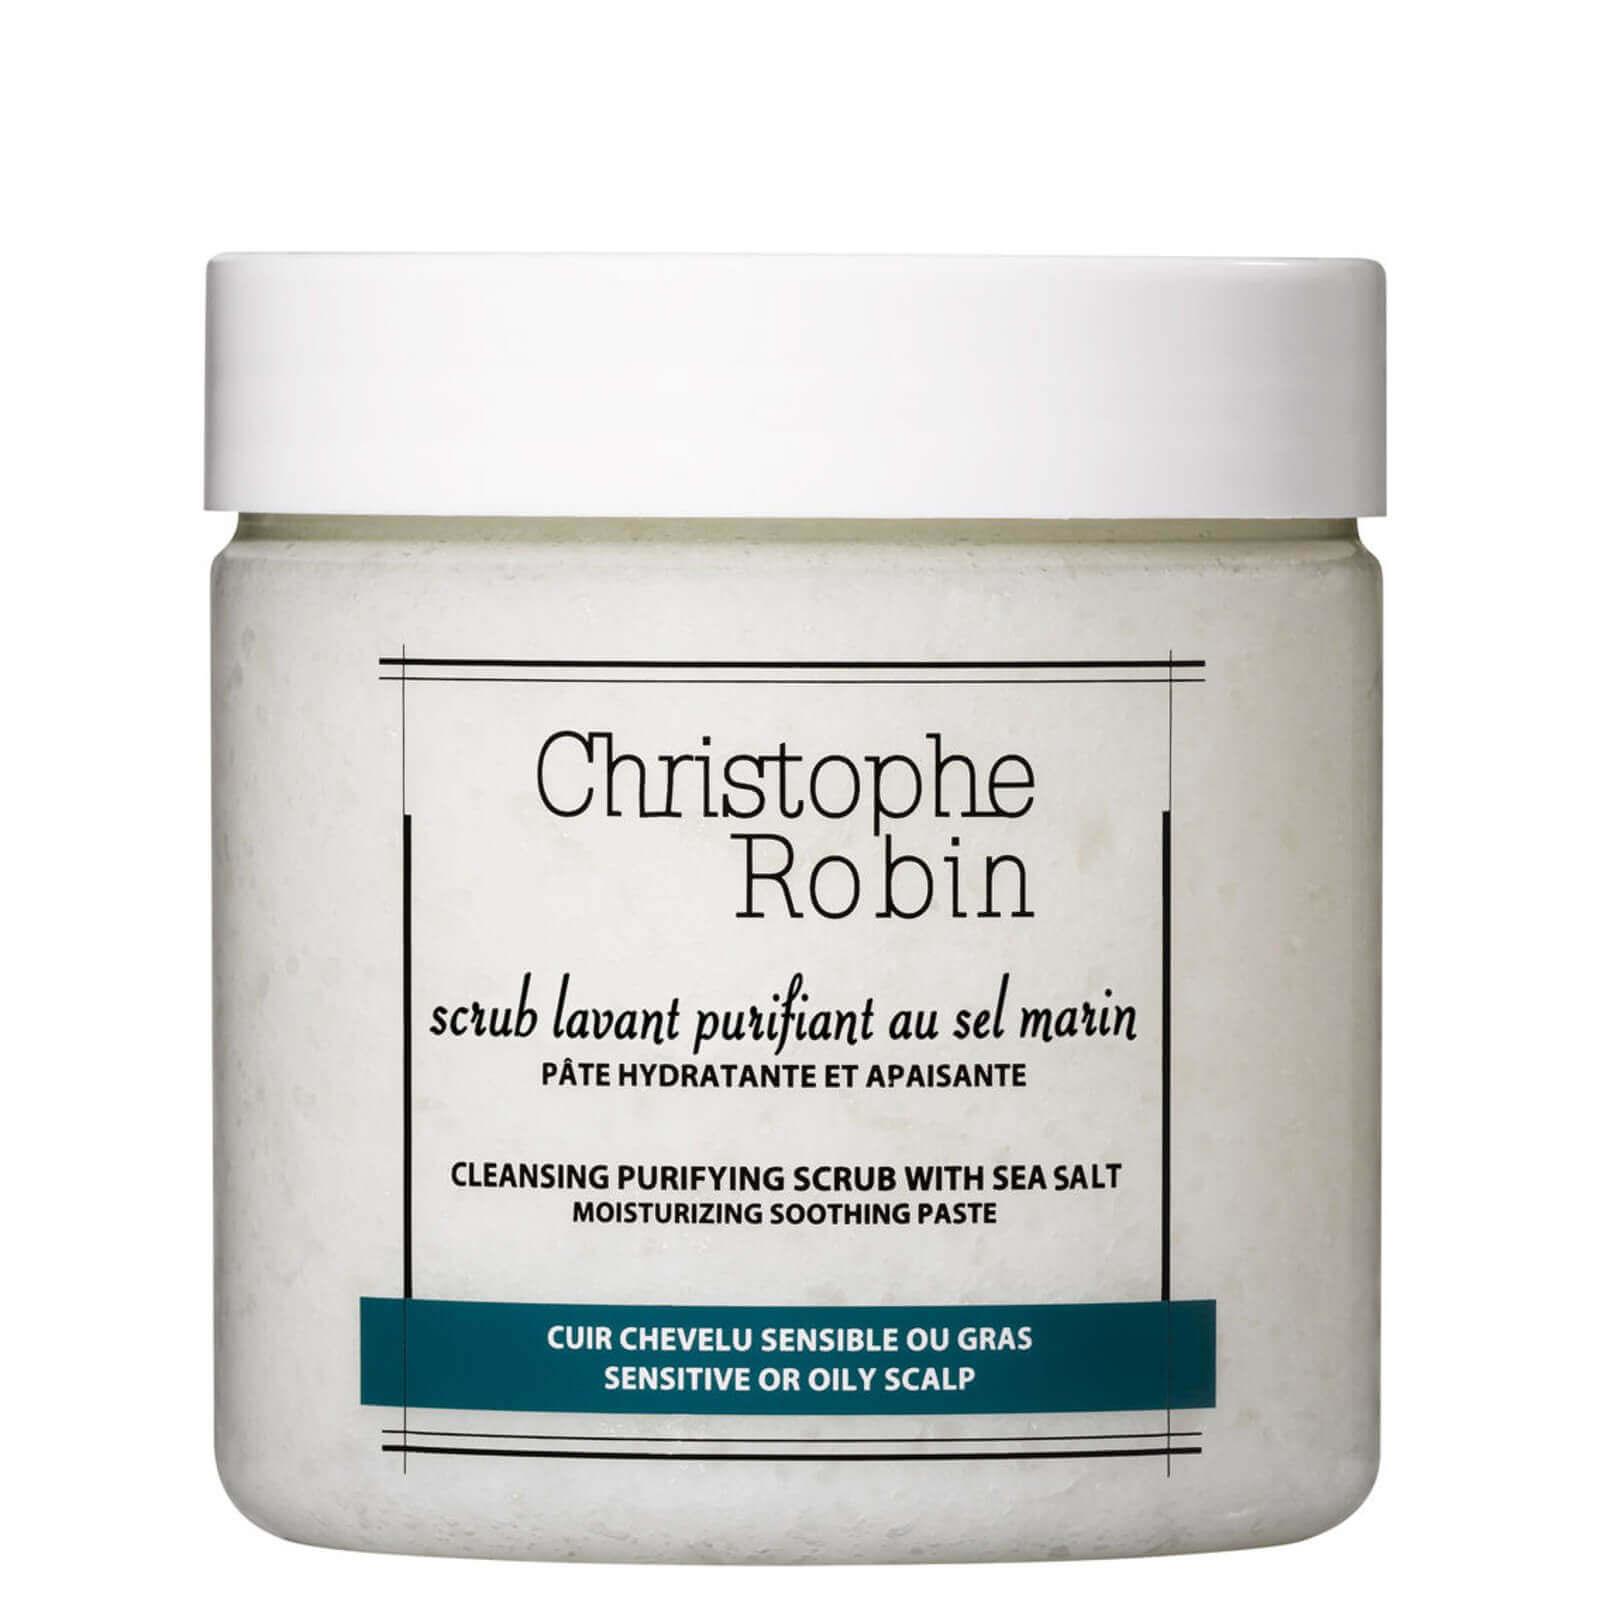 买3付2+额外9.5折!Christophe Robin 海盐清洁洗发膏 250ml